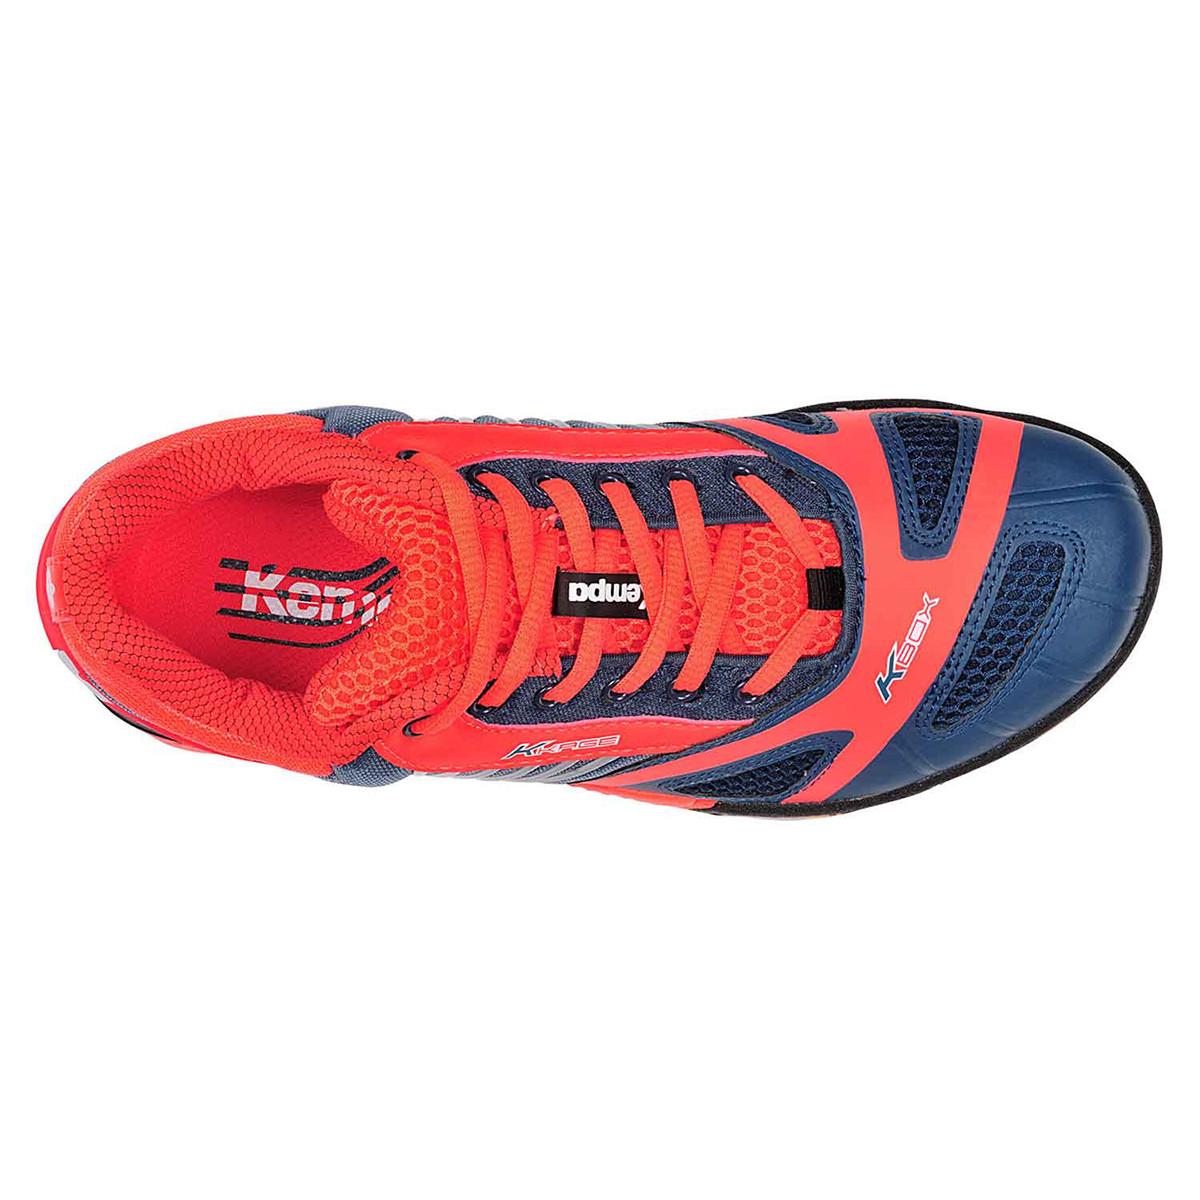 Cher Chaussures Pas Hurricane Hand Homme Bleu De Kempa Chaussure X7qxa0n xIRwqPdZR